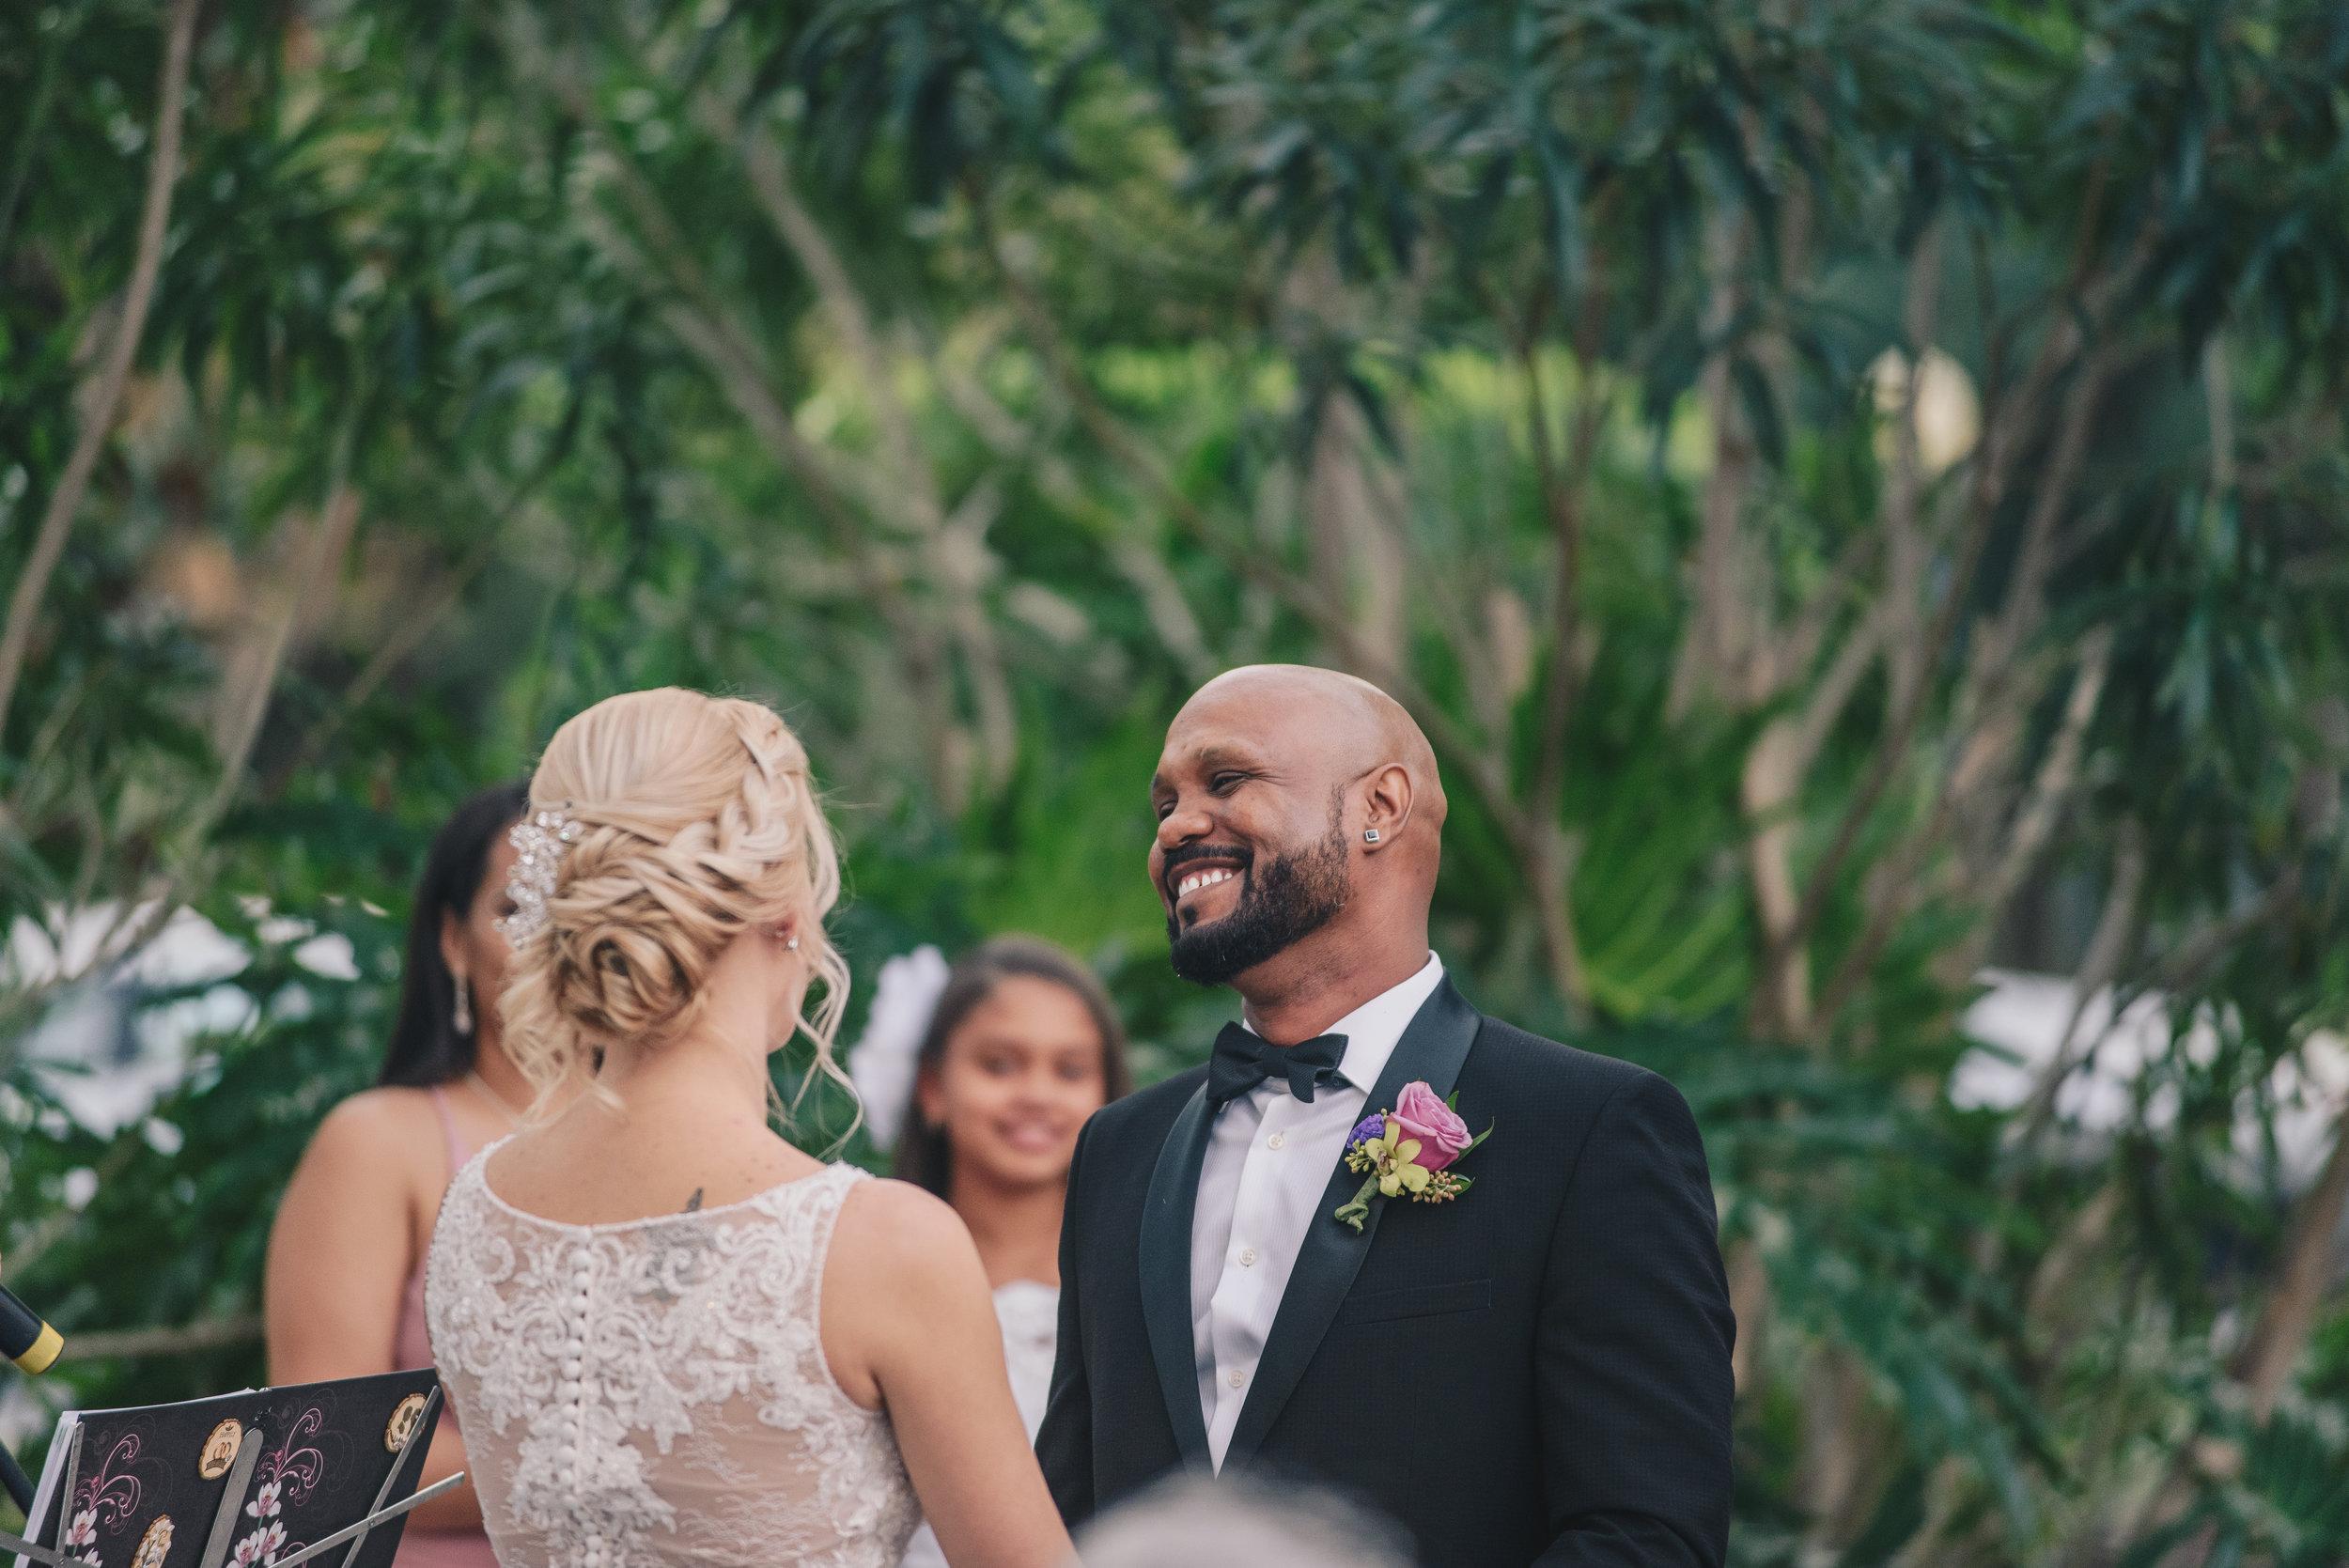 Los-Vargas-Photo-Wedding-Historic-Dubsdread-Ballroom-8260.jpg